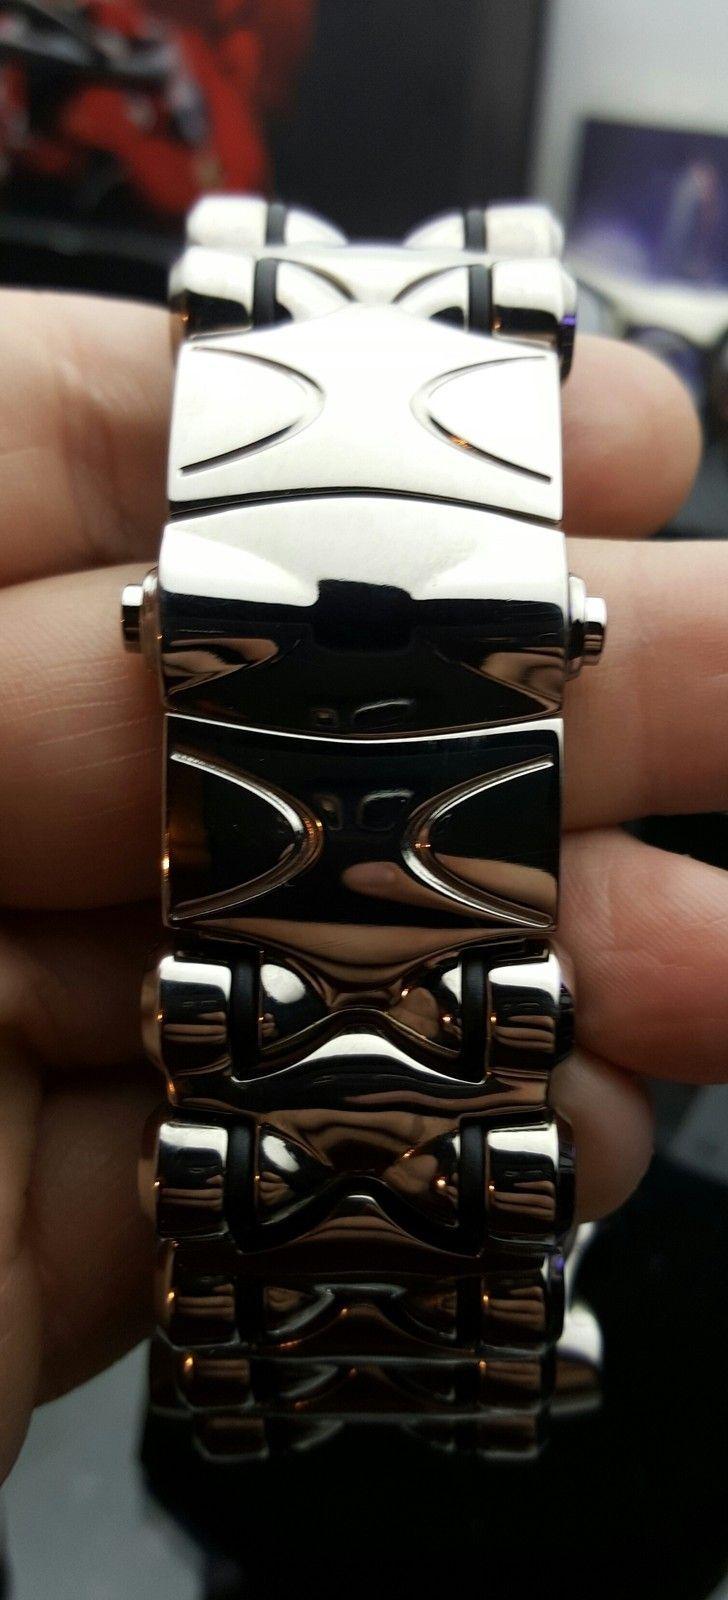 Polished/Blue Face Minute Machine LNIB - uploadfromtaptalk1433295613116.jpg